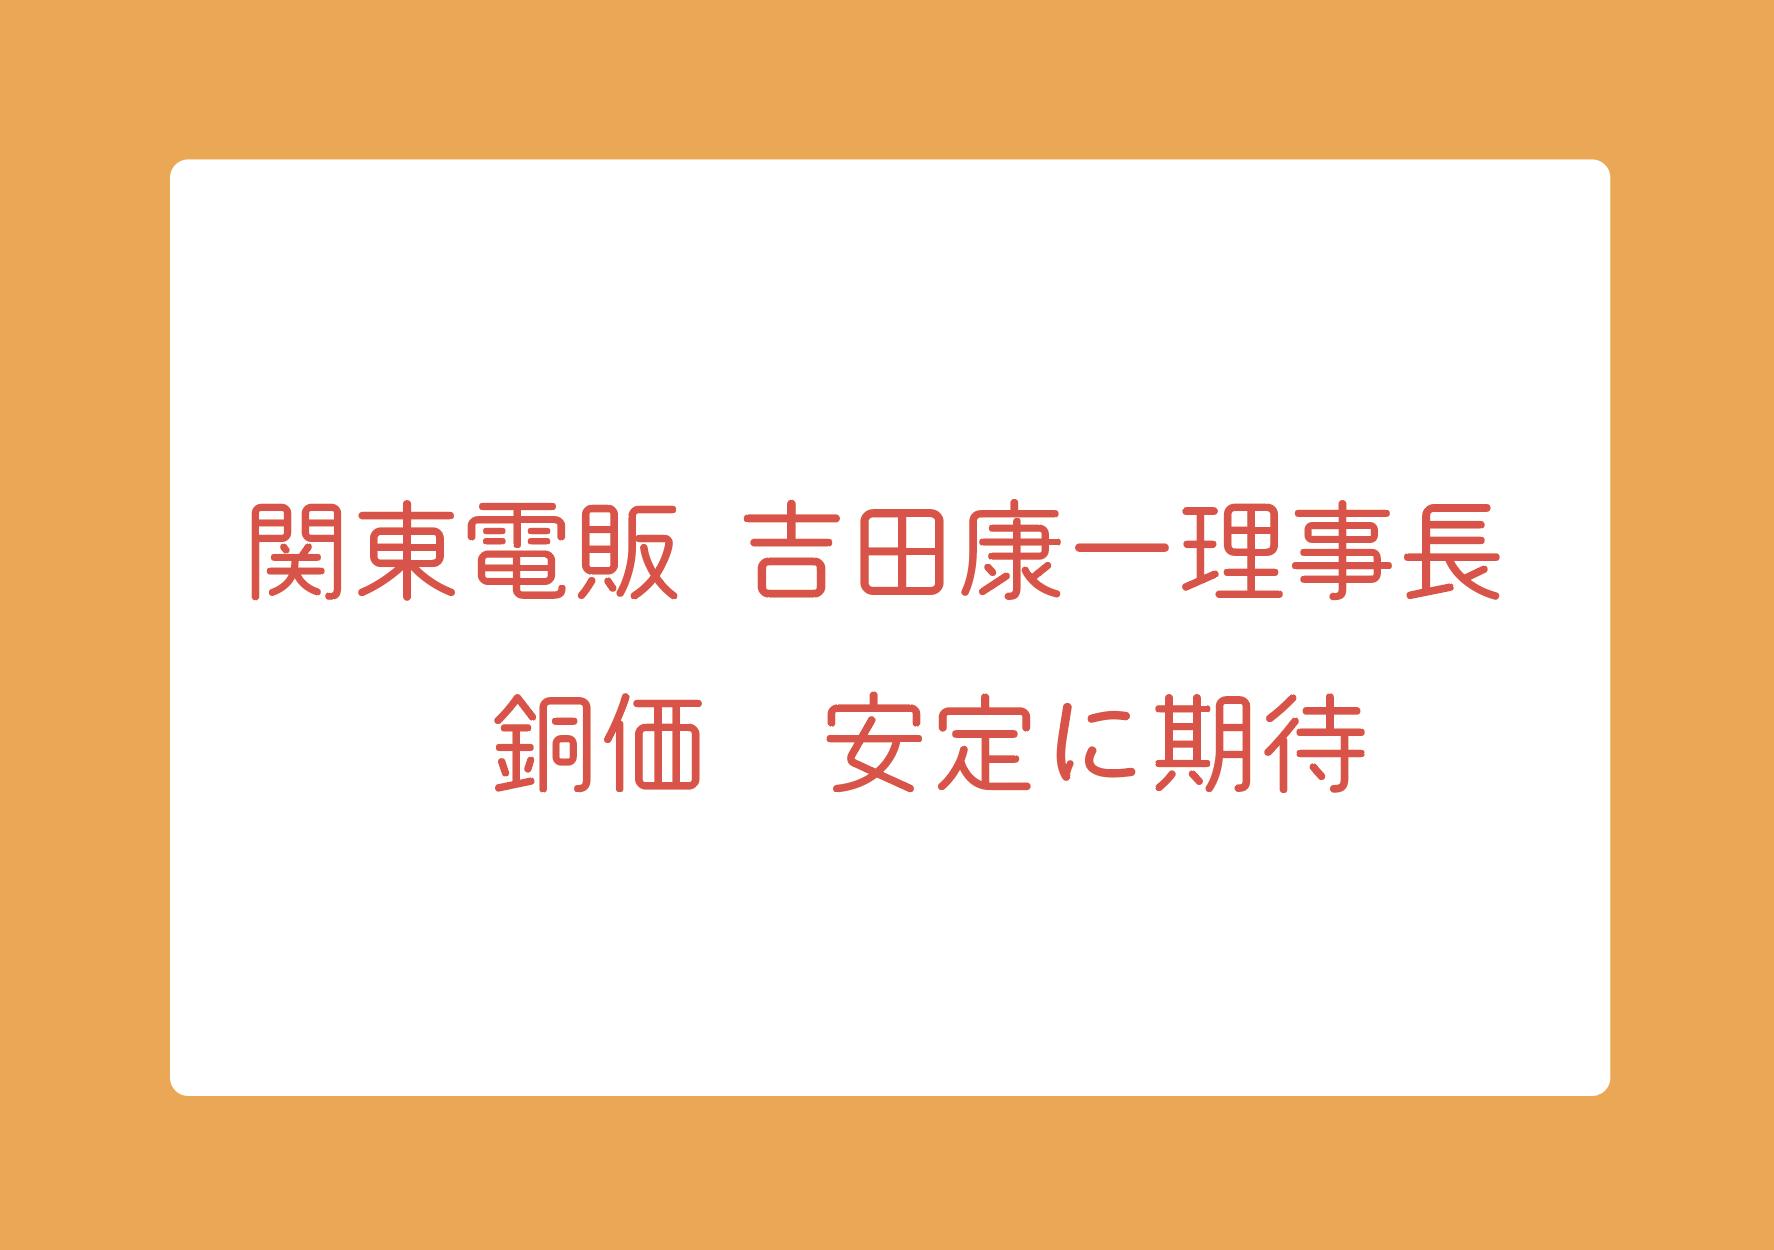 関東電販 吉田康一理事長 銅価  安定に期待の画像